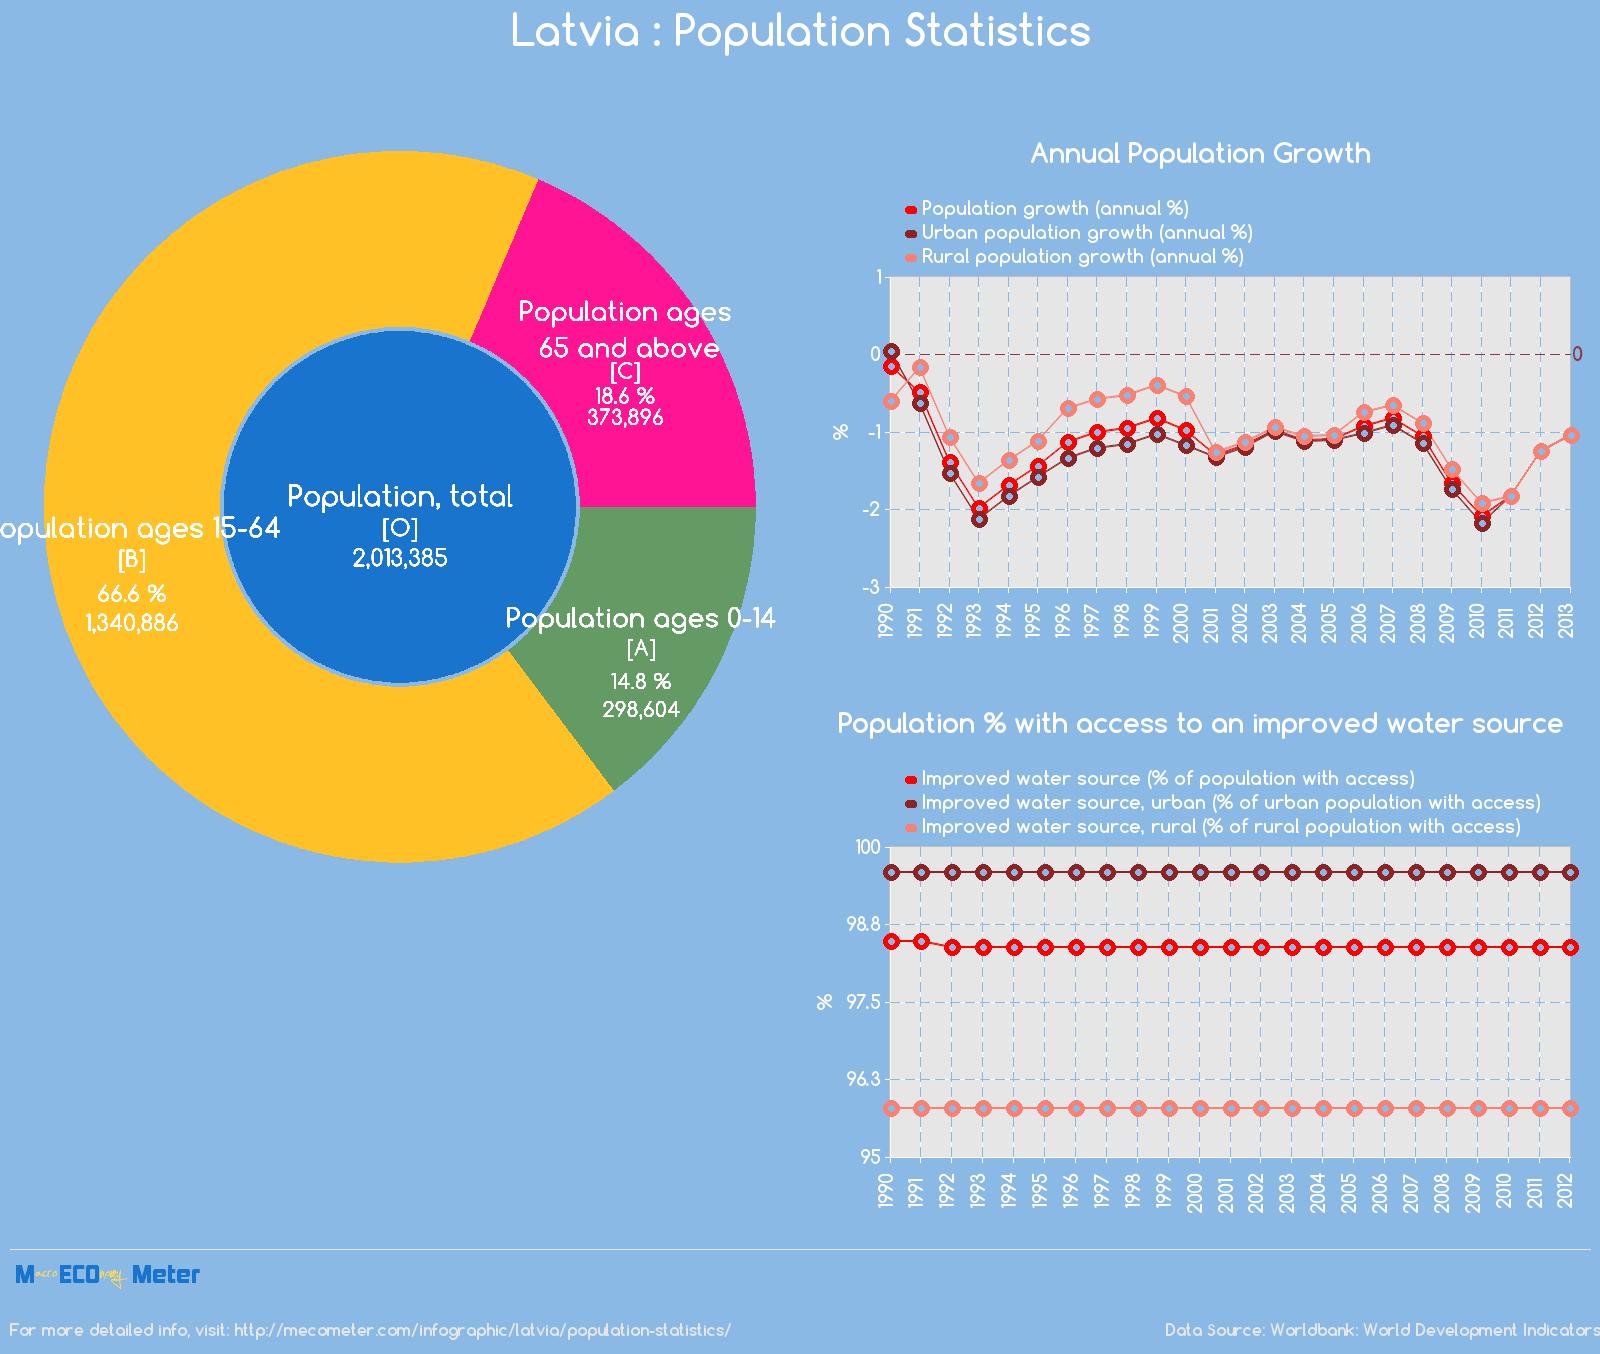 Latvia : Population Statistics